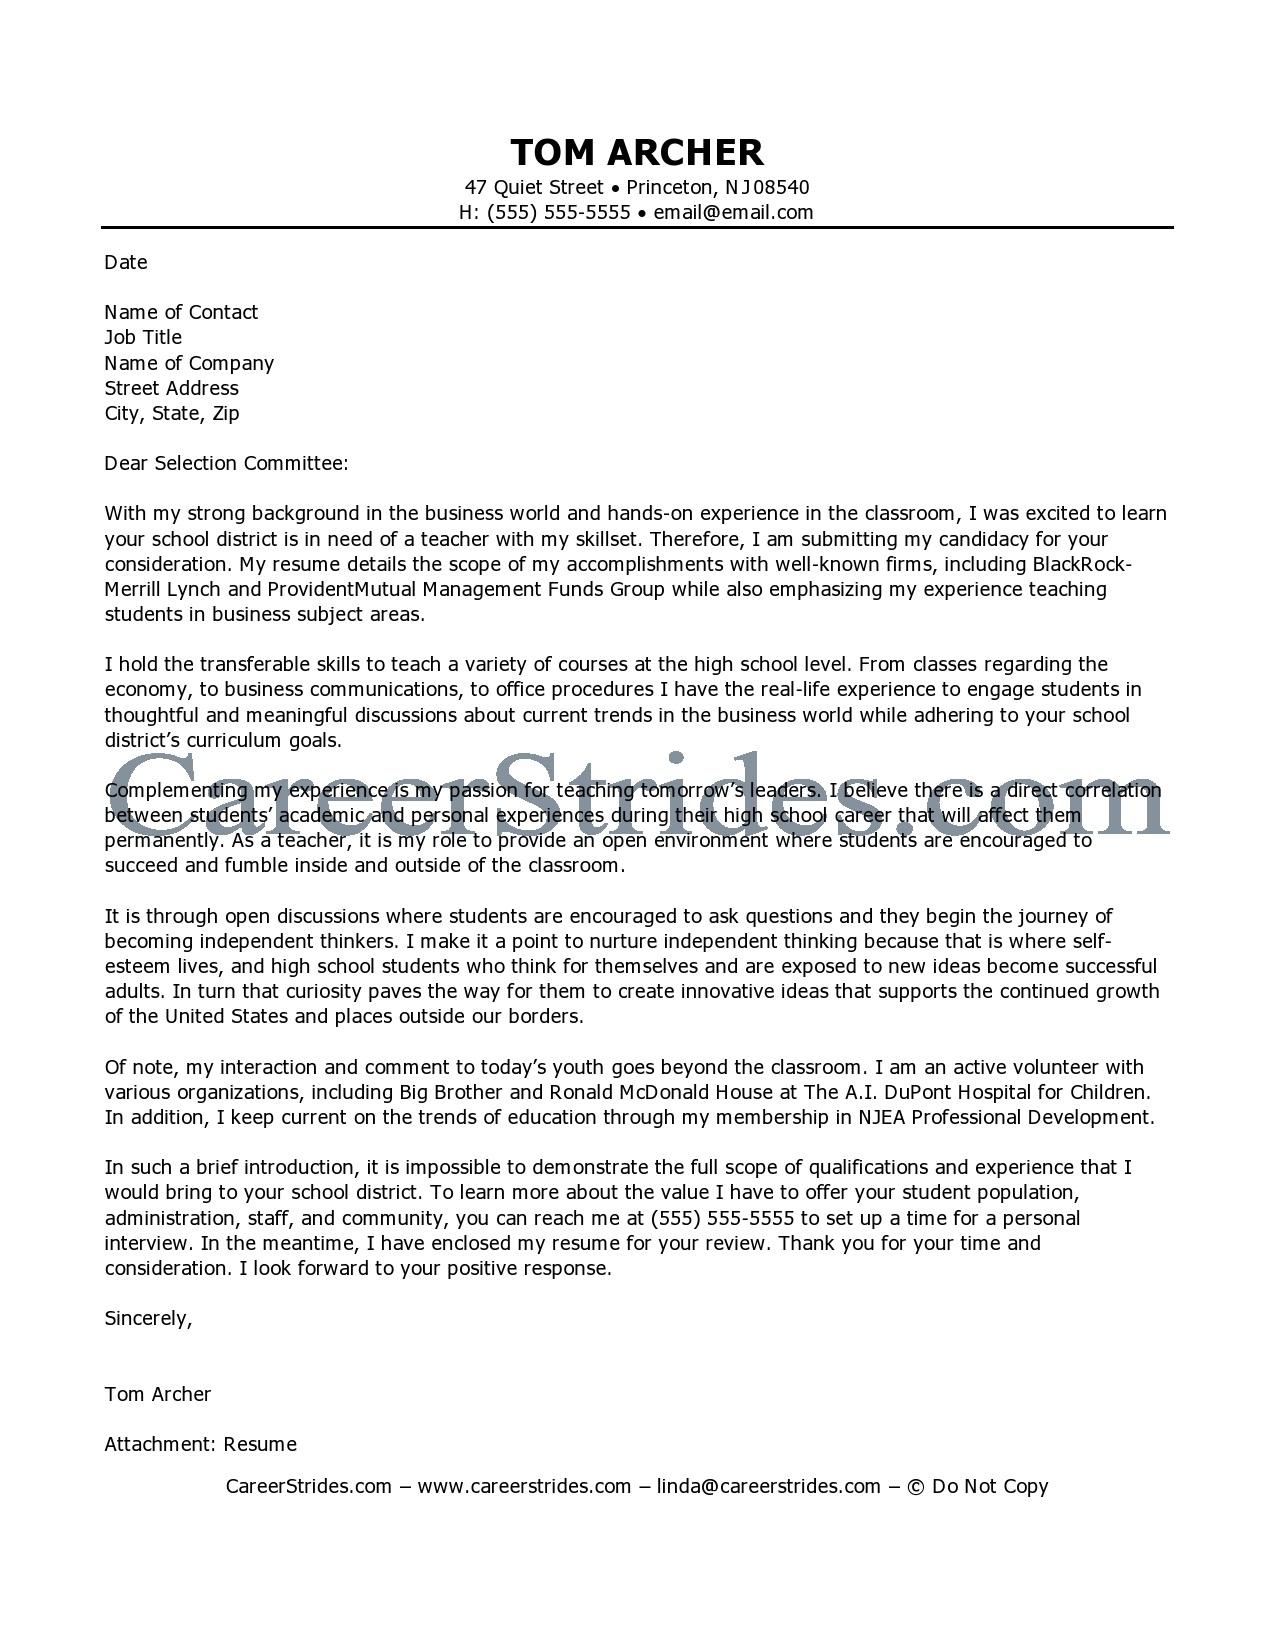 Teacher Cover Letter Samples  Education Cover Letter Samples